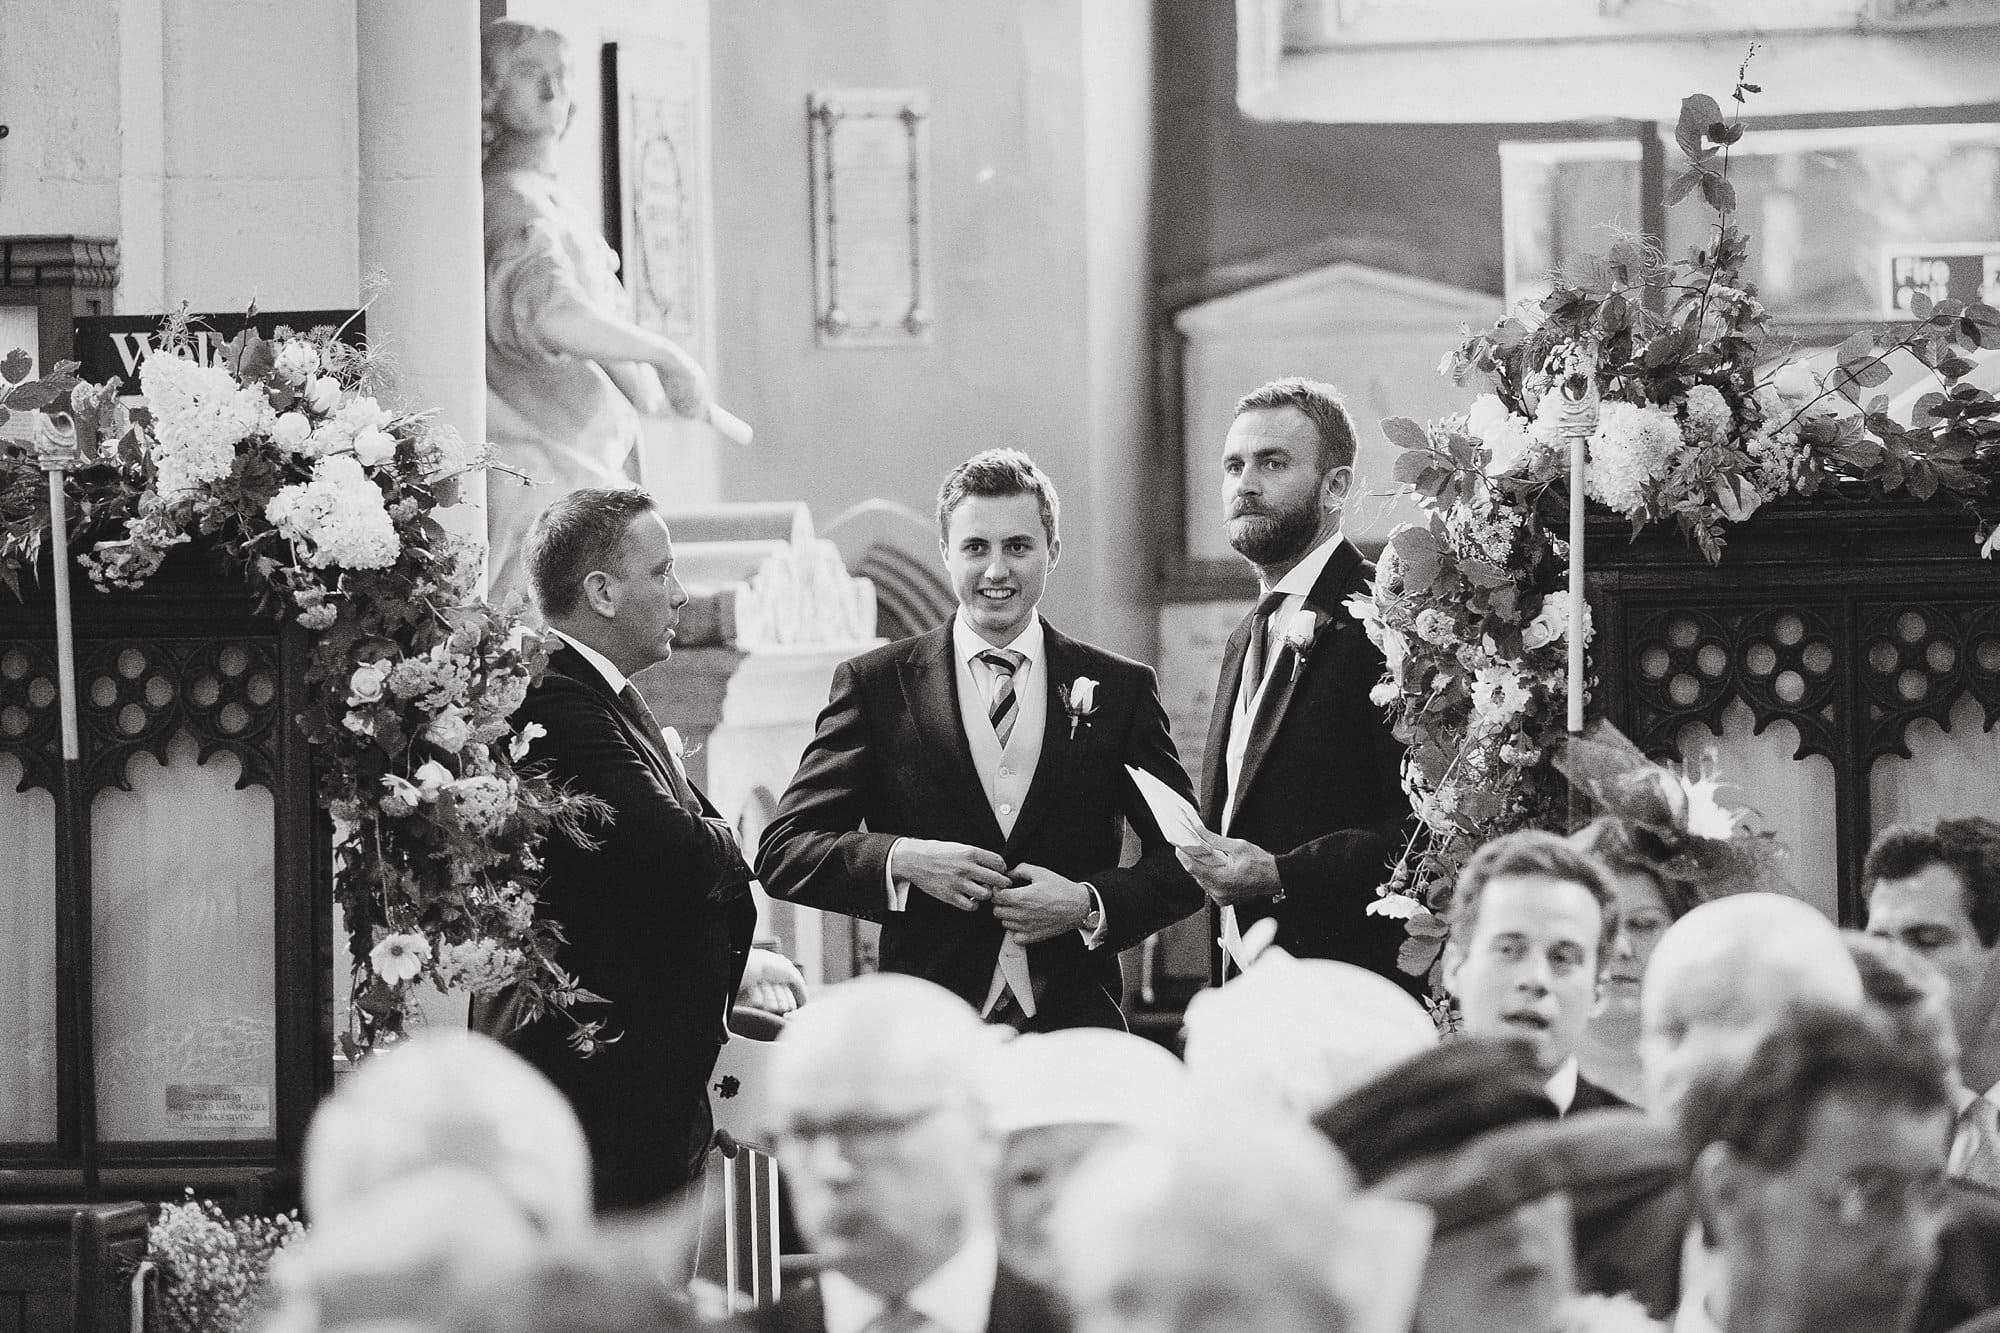 fulham palace wedding photographer 025 - Rosanna & Duncan's Fulham Palace Wedding